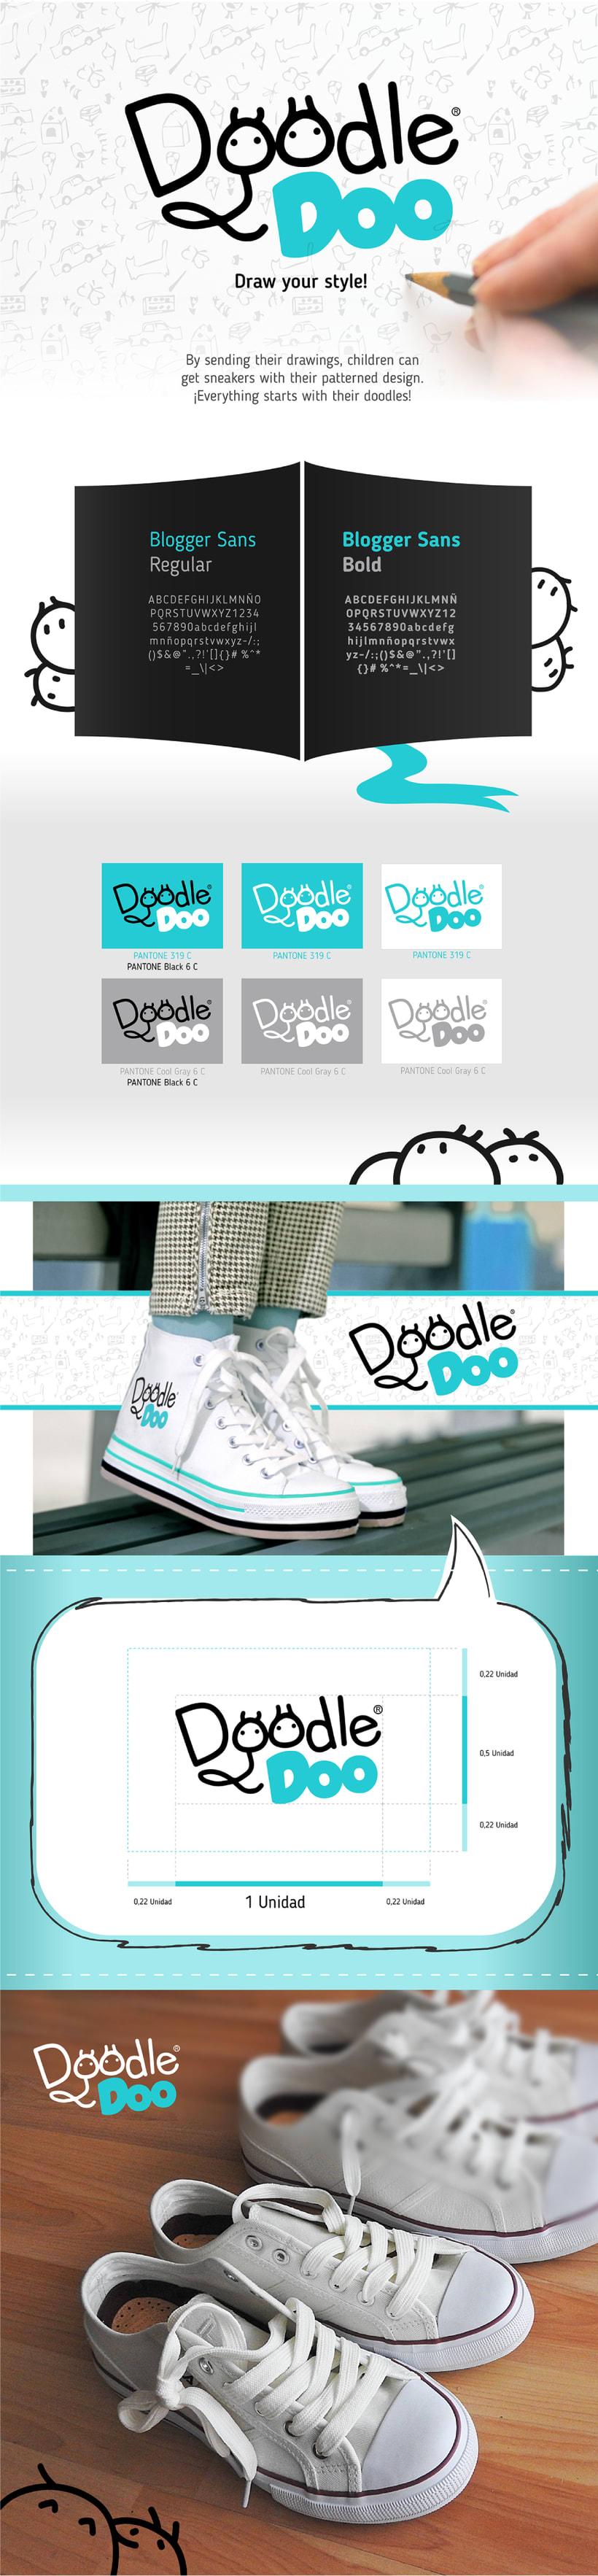 DoodleDoo 0